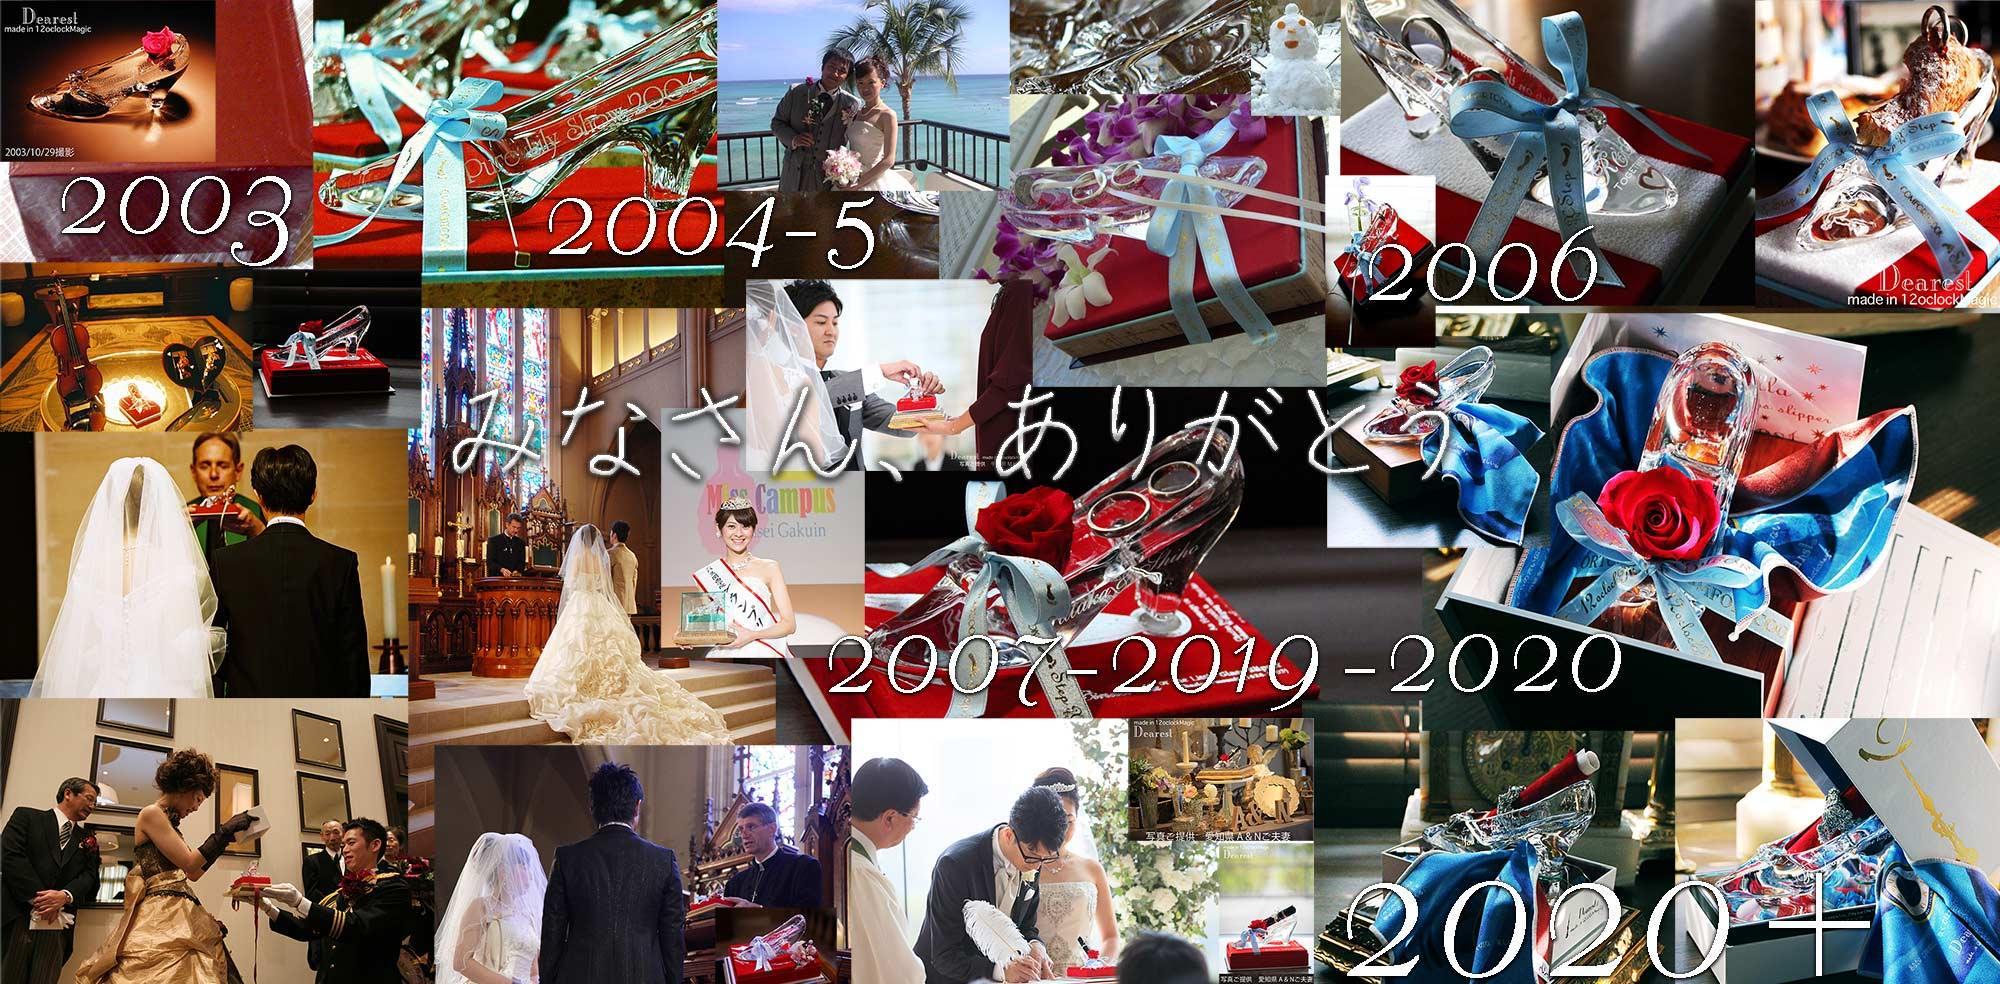 appreciation history 2003-2020